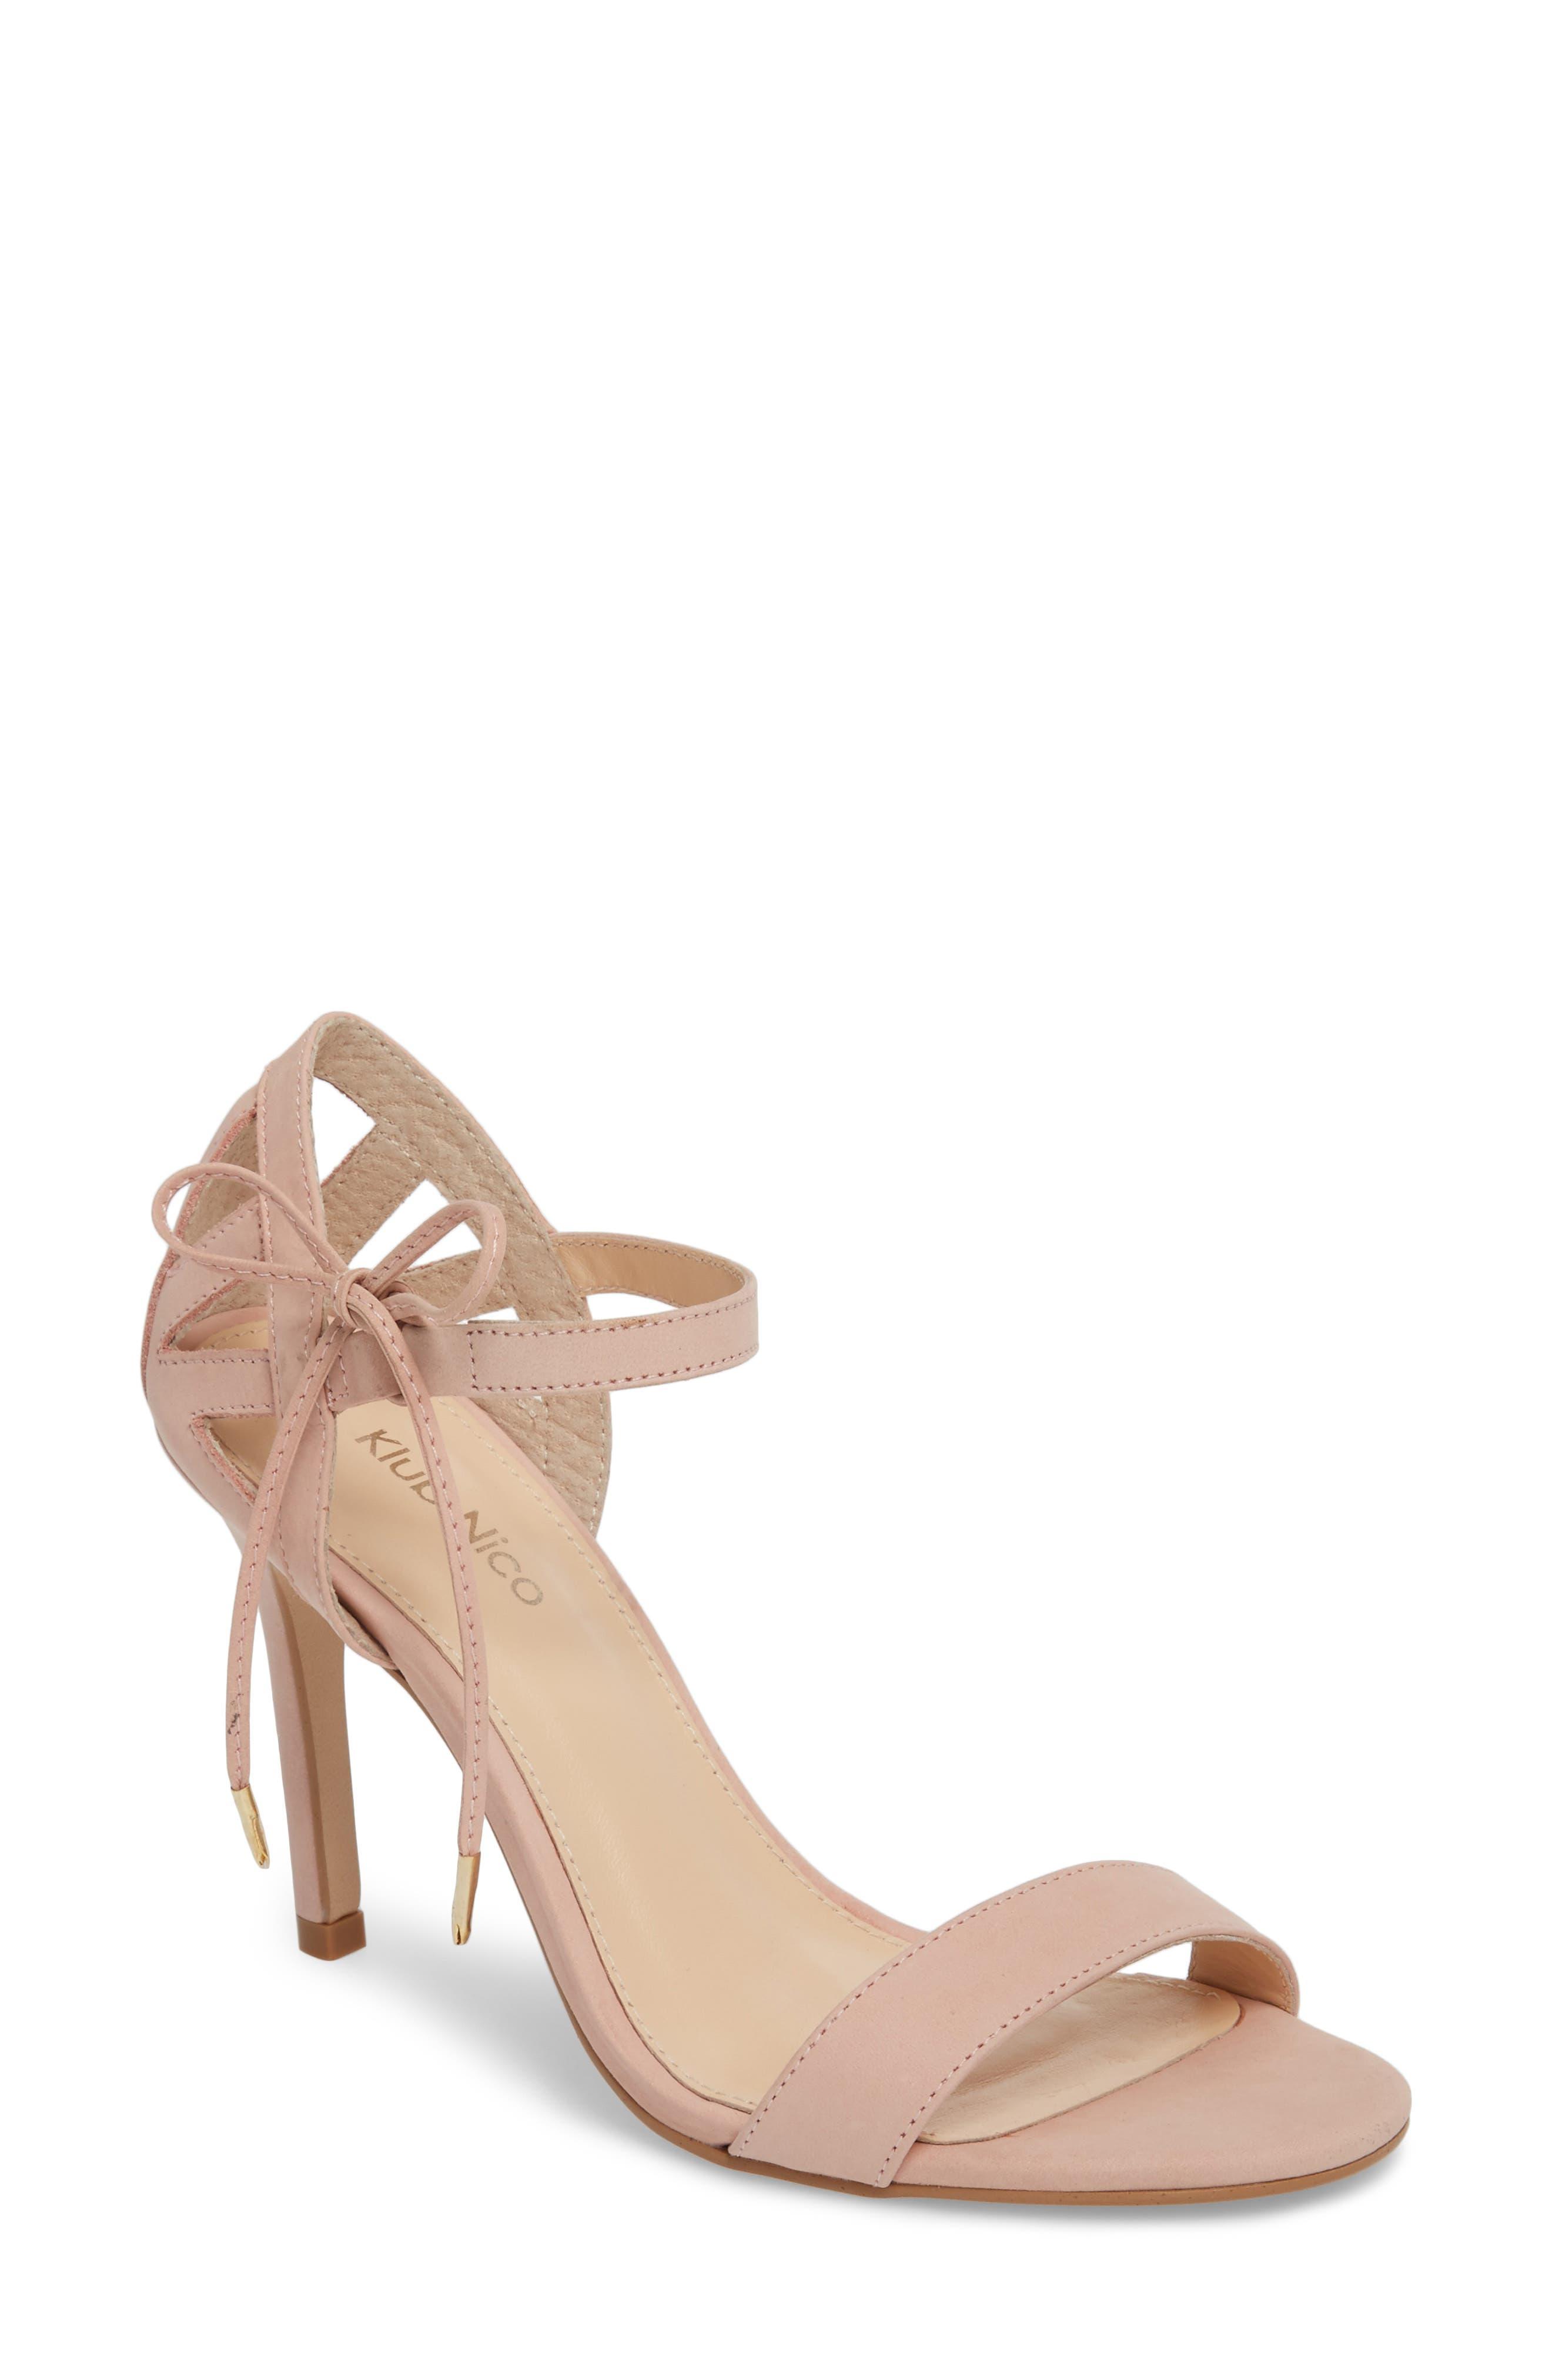 Adelyn Bow Tie Sandal,                             Main thumbnail 1, color,                             QUARTZ LEATHER